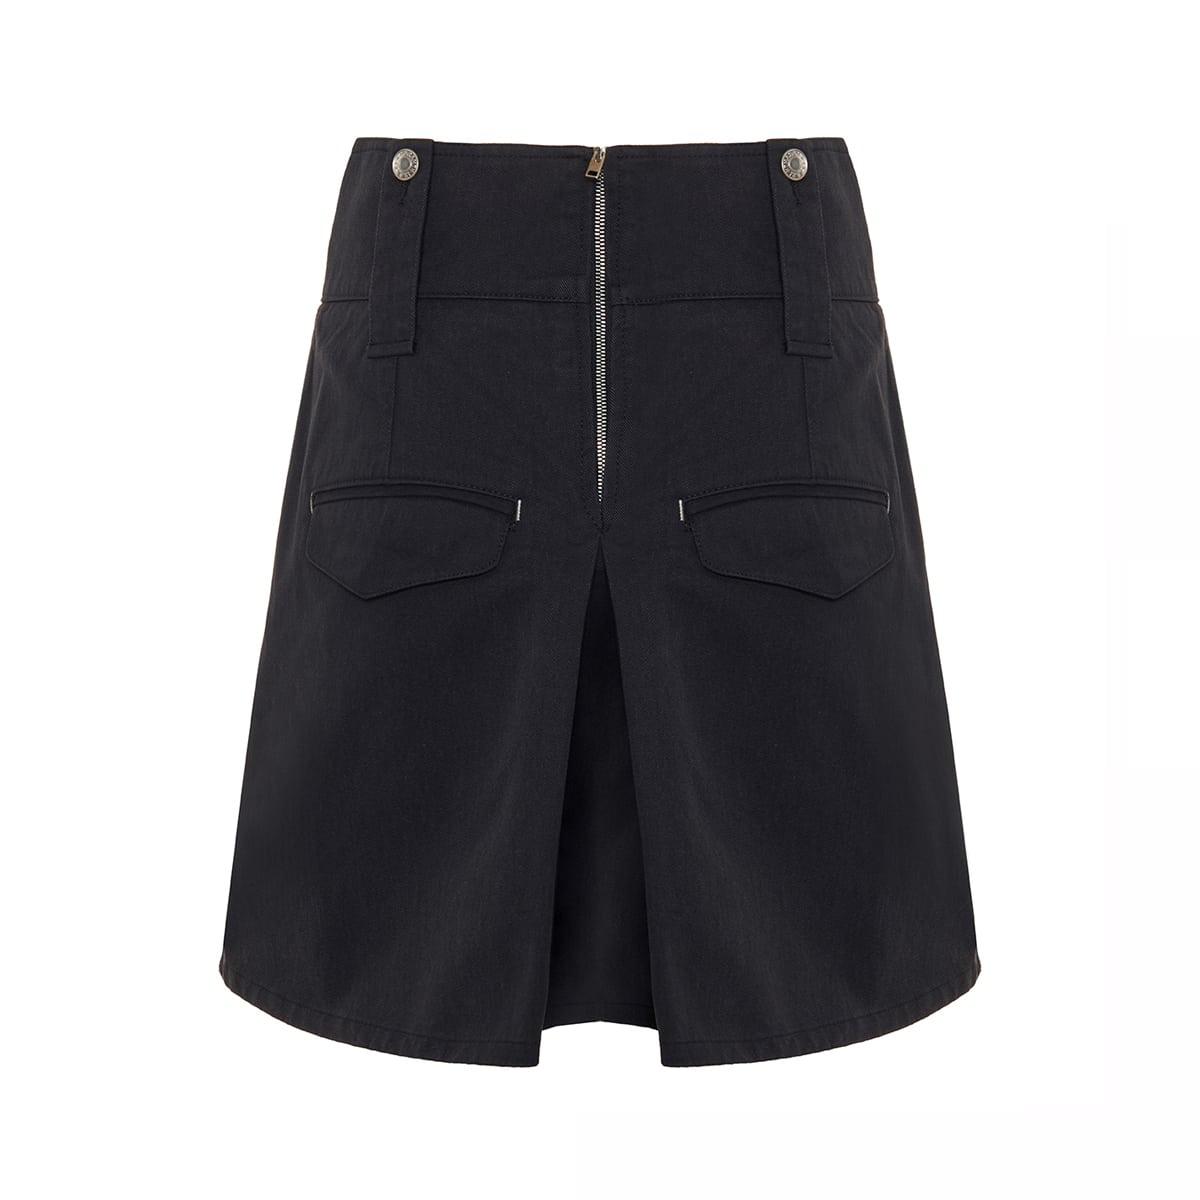 Dicochia flared cotton shorts